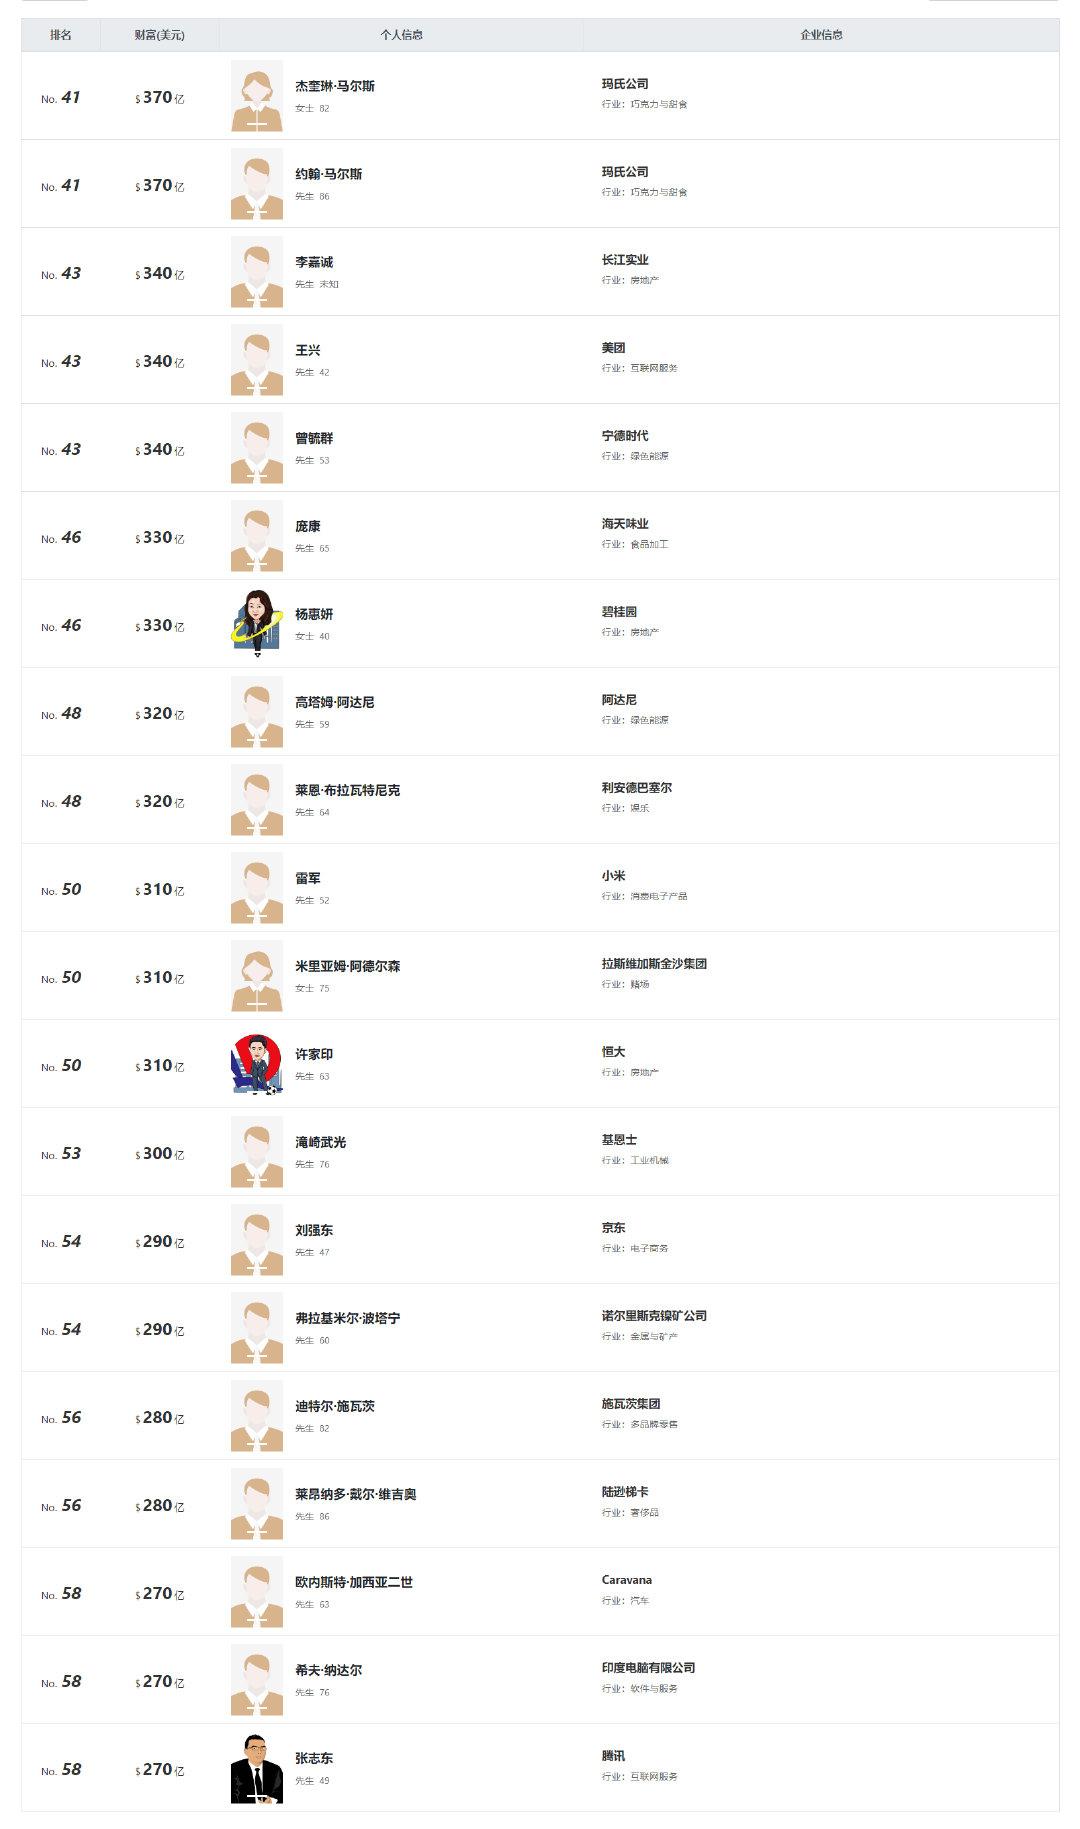 """021胡润全球富豪榜公布,中国首富竟然是他"""""""